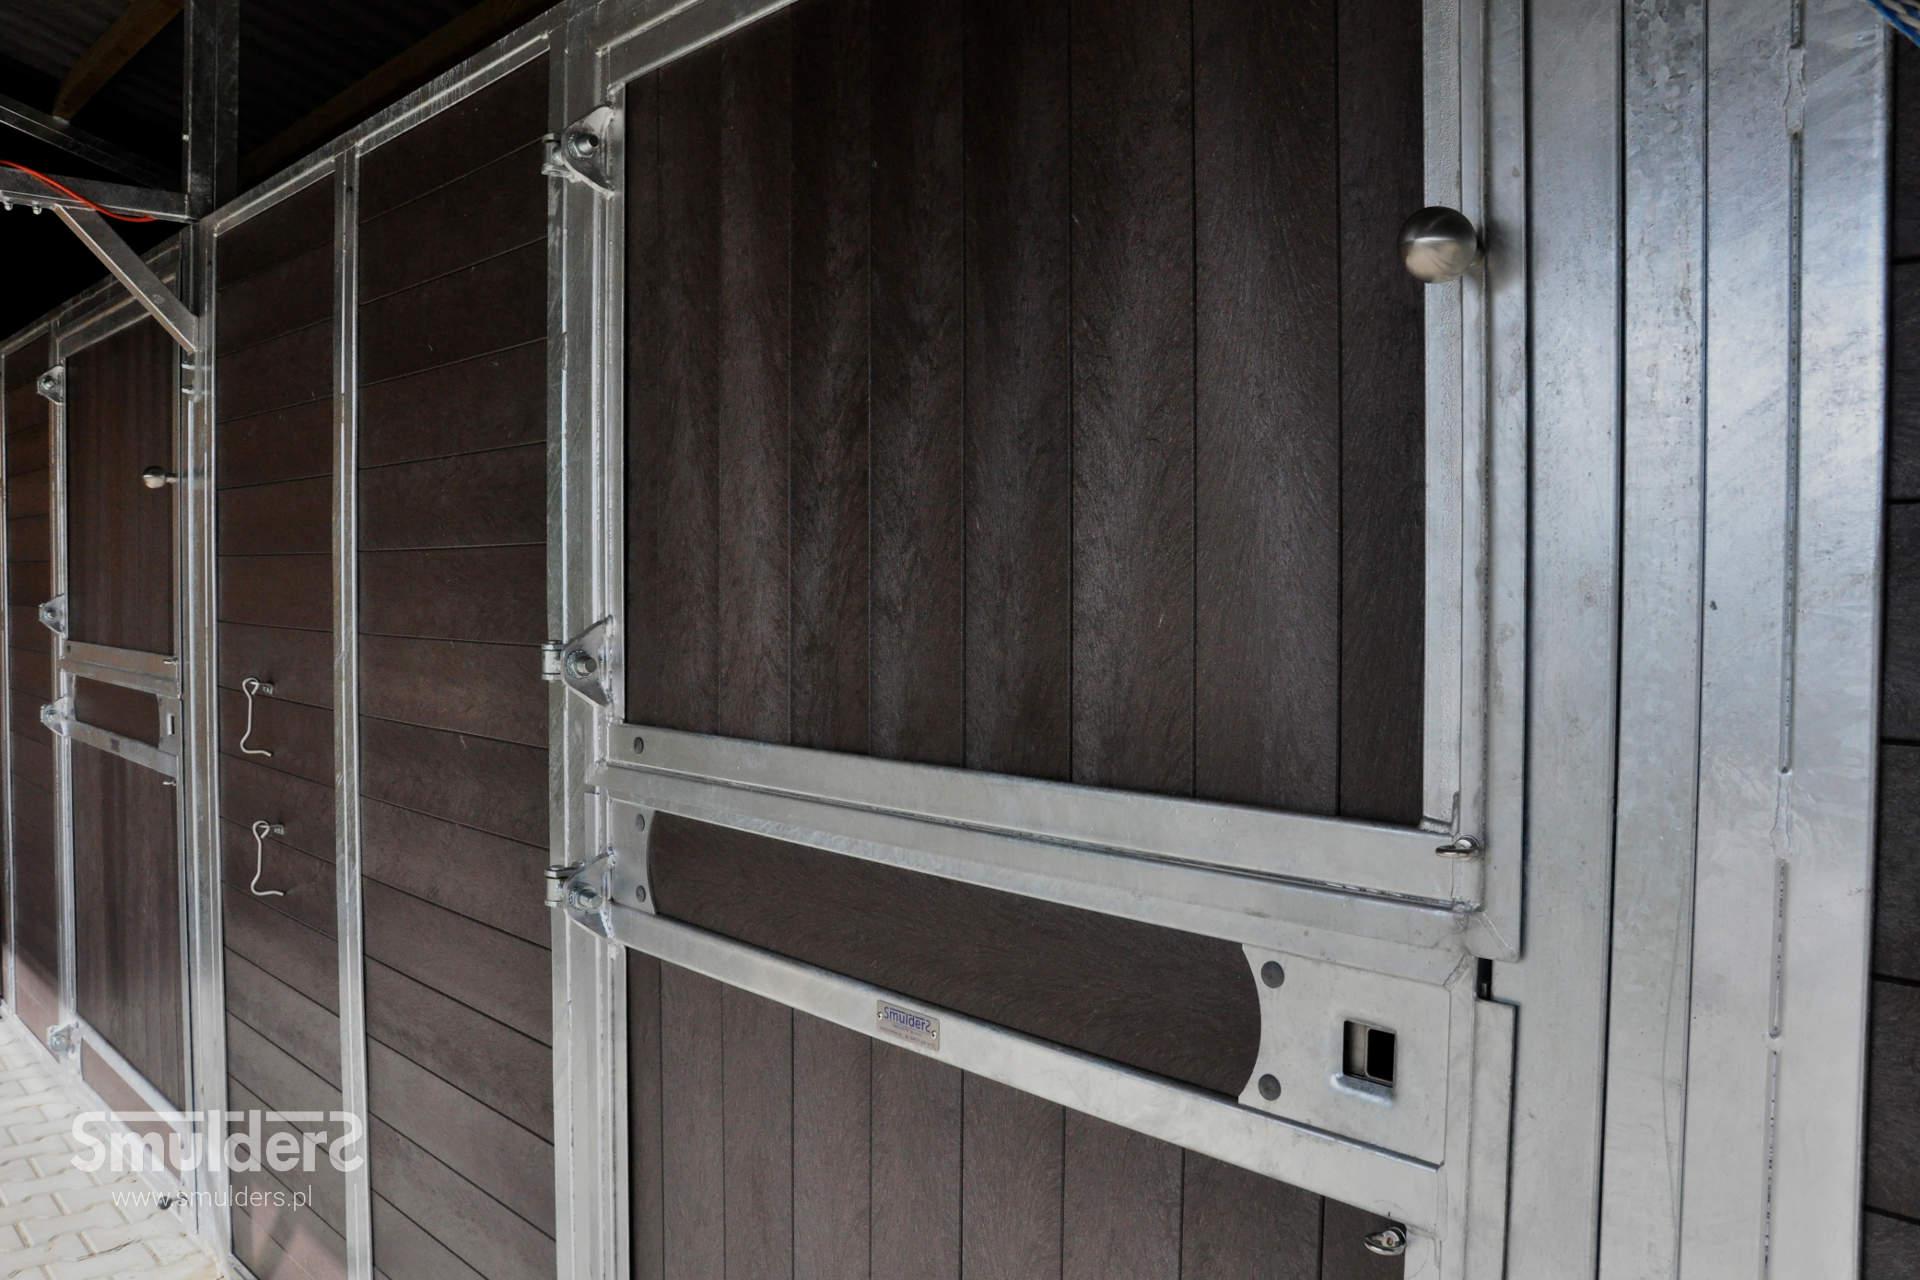 https://www.smulders.pl/wp-content/uploads/2019/07/f009_outdoor-stables_KCN_SMULDERS_PL.jpg